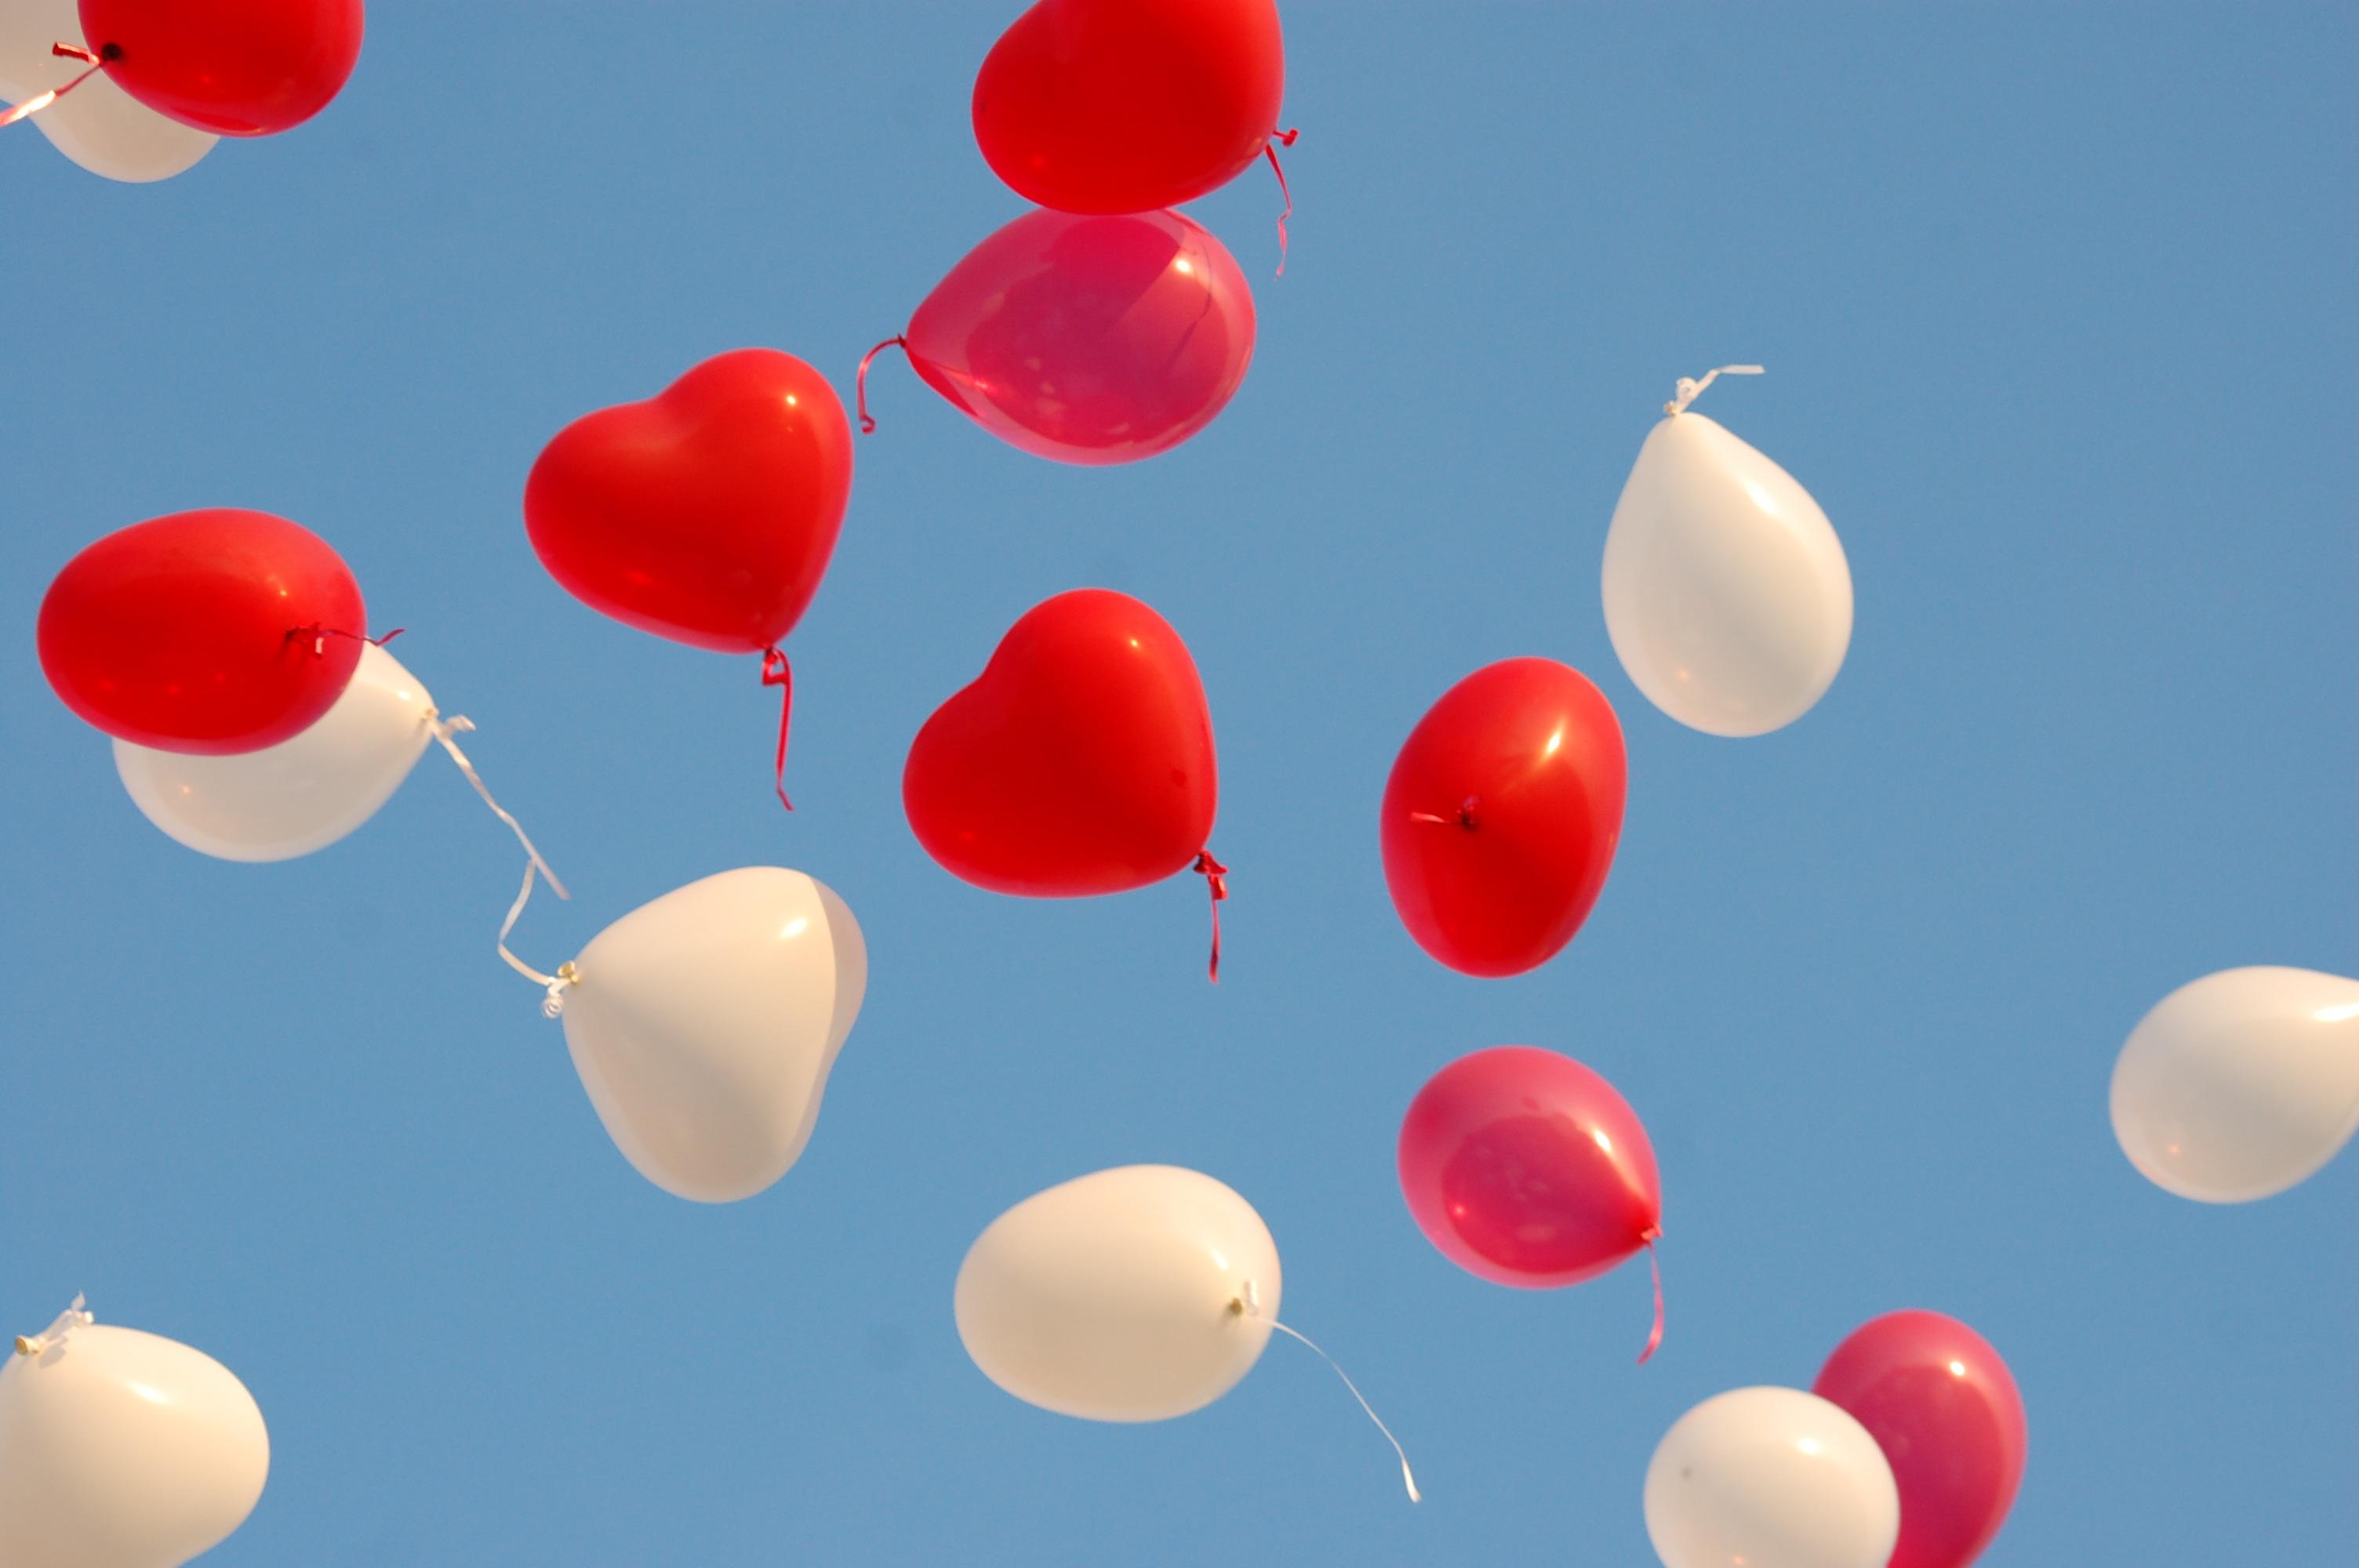 чемпионате, картинки про шарики воздушные конденсаторах содержание драгметаллов